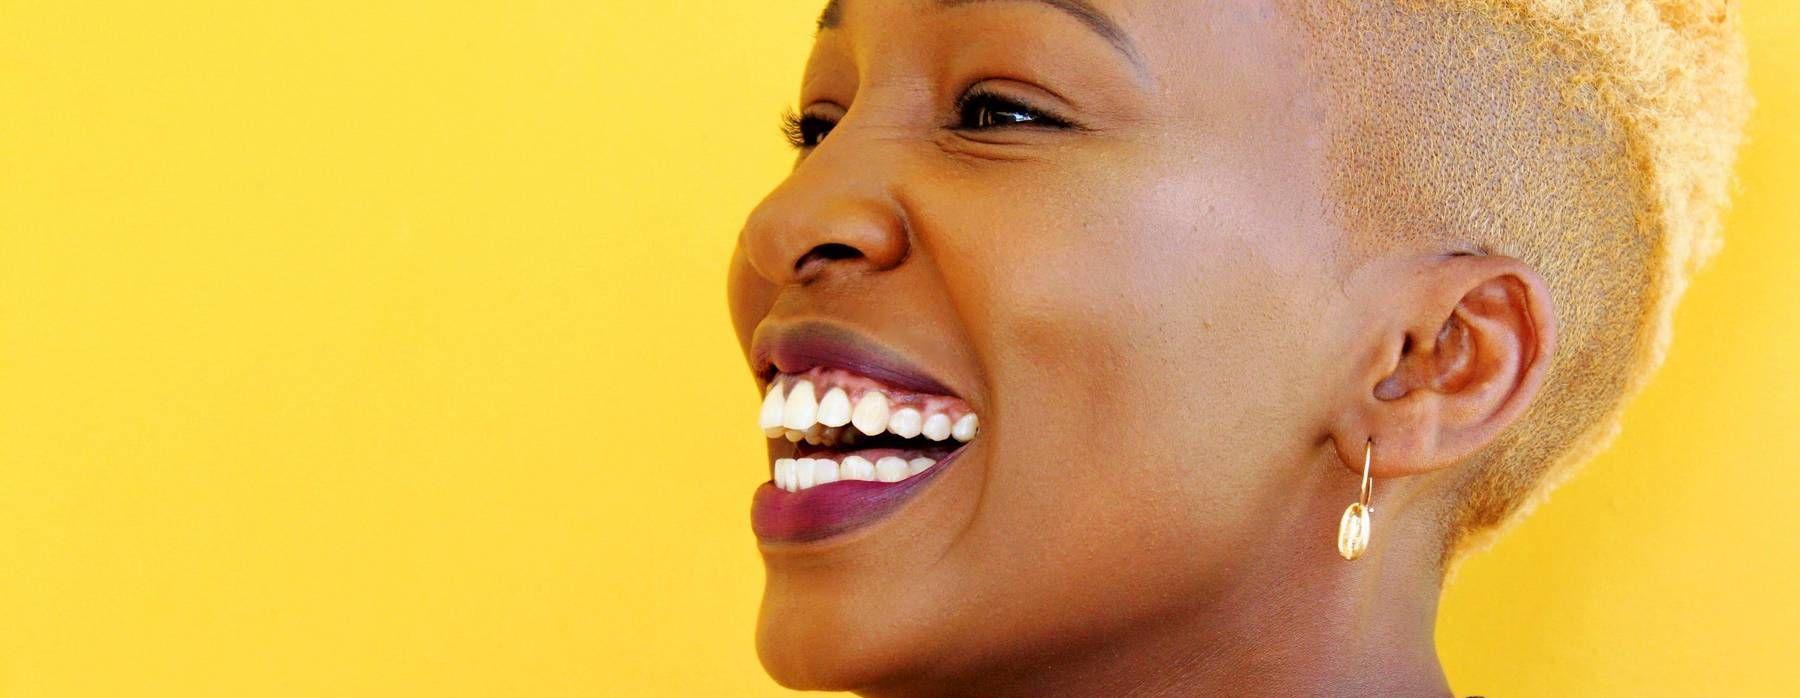 15 claves para ser feliz y vivir en bienestar - Featured image